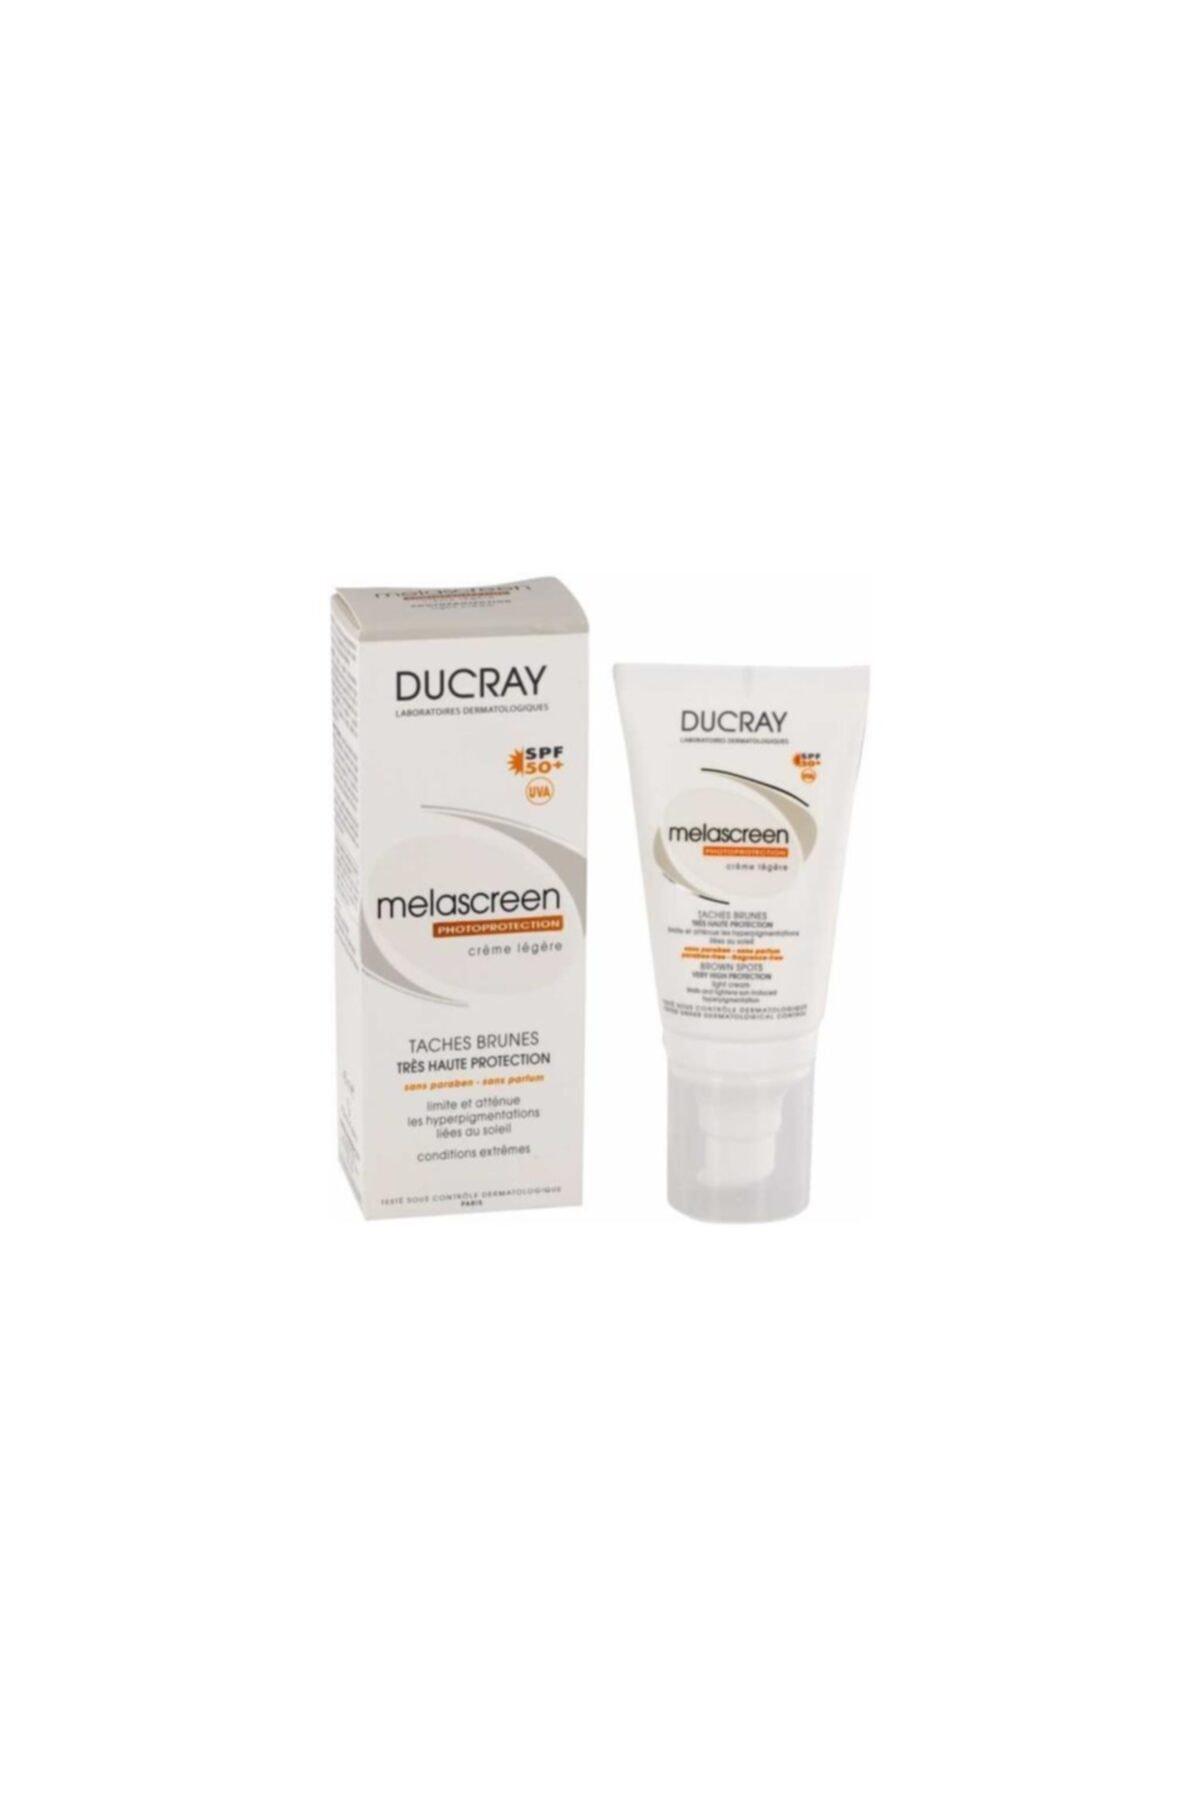 Ducray Melascreen Creme Solaire Spf 50 Yüksek Korumalı Güneş Kremi Legere - 30 Ml 1